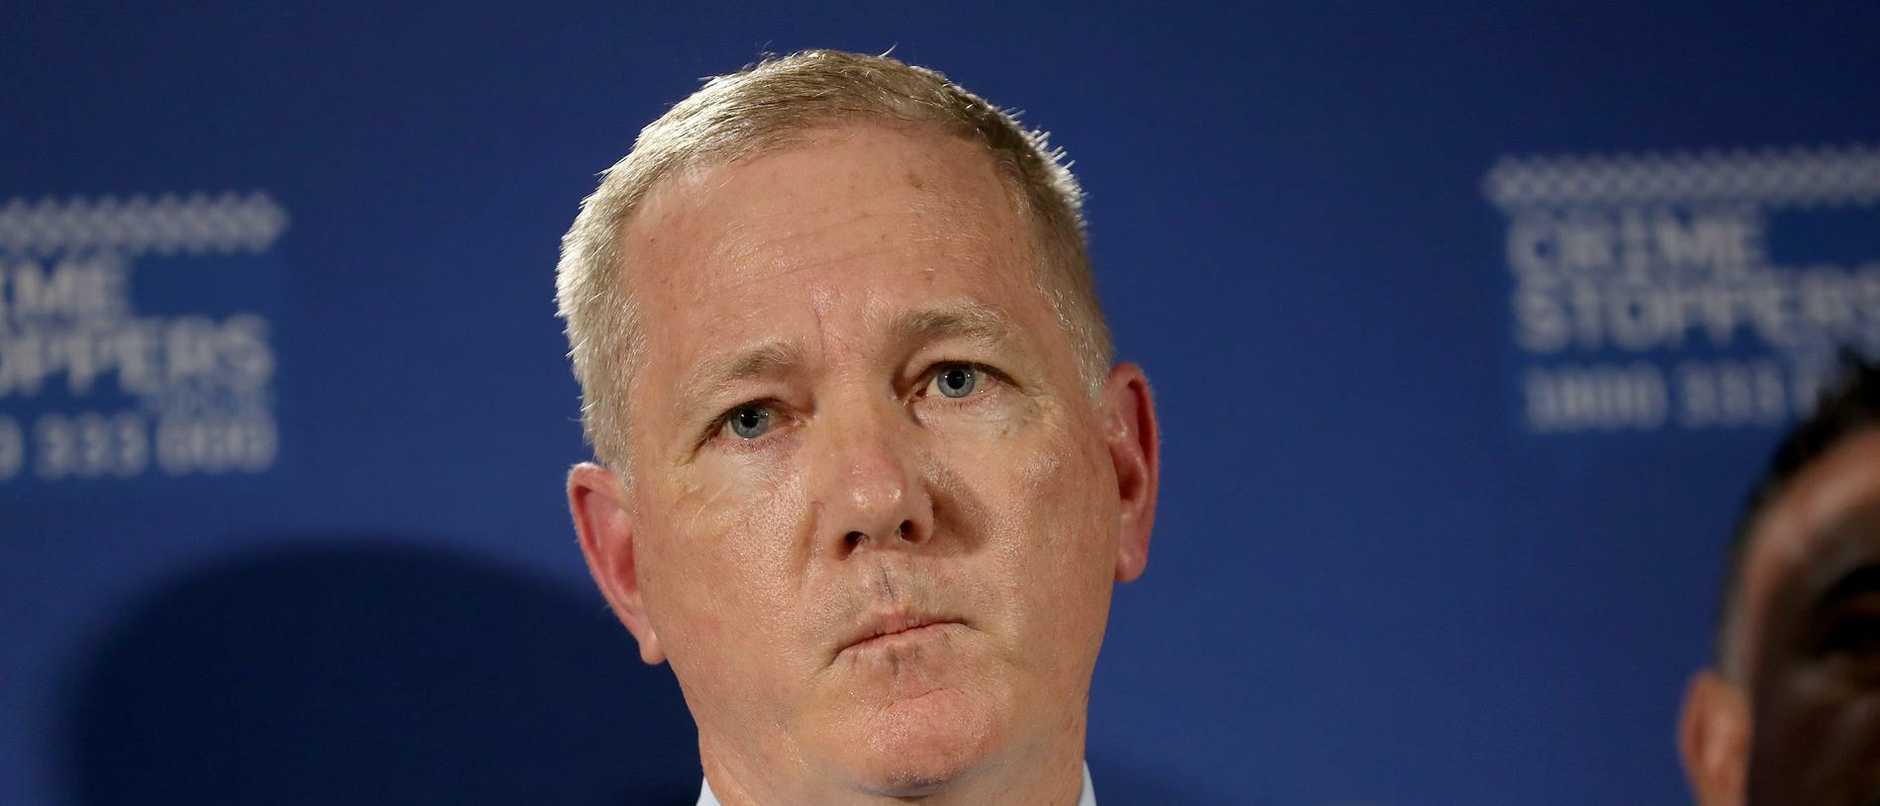 Sydney Stabber Press Conference